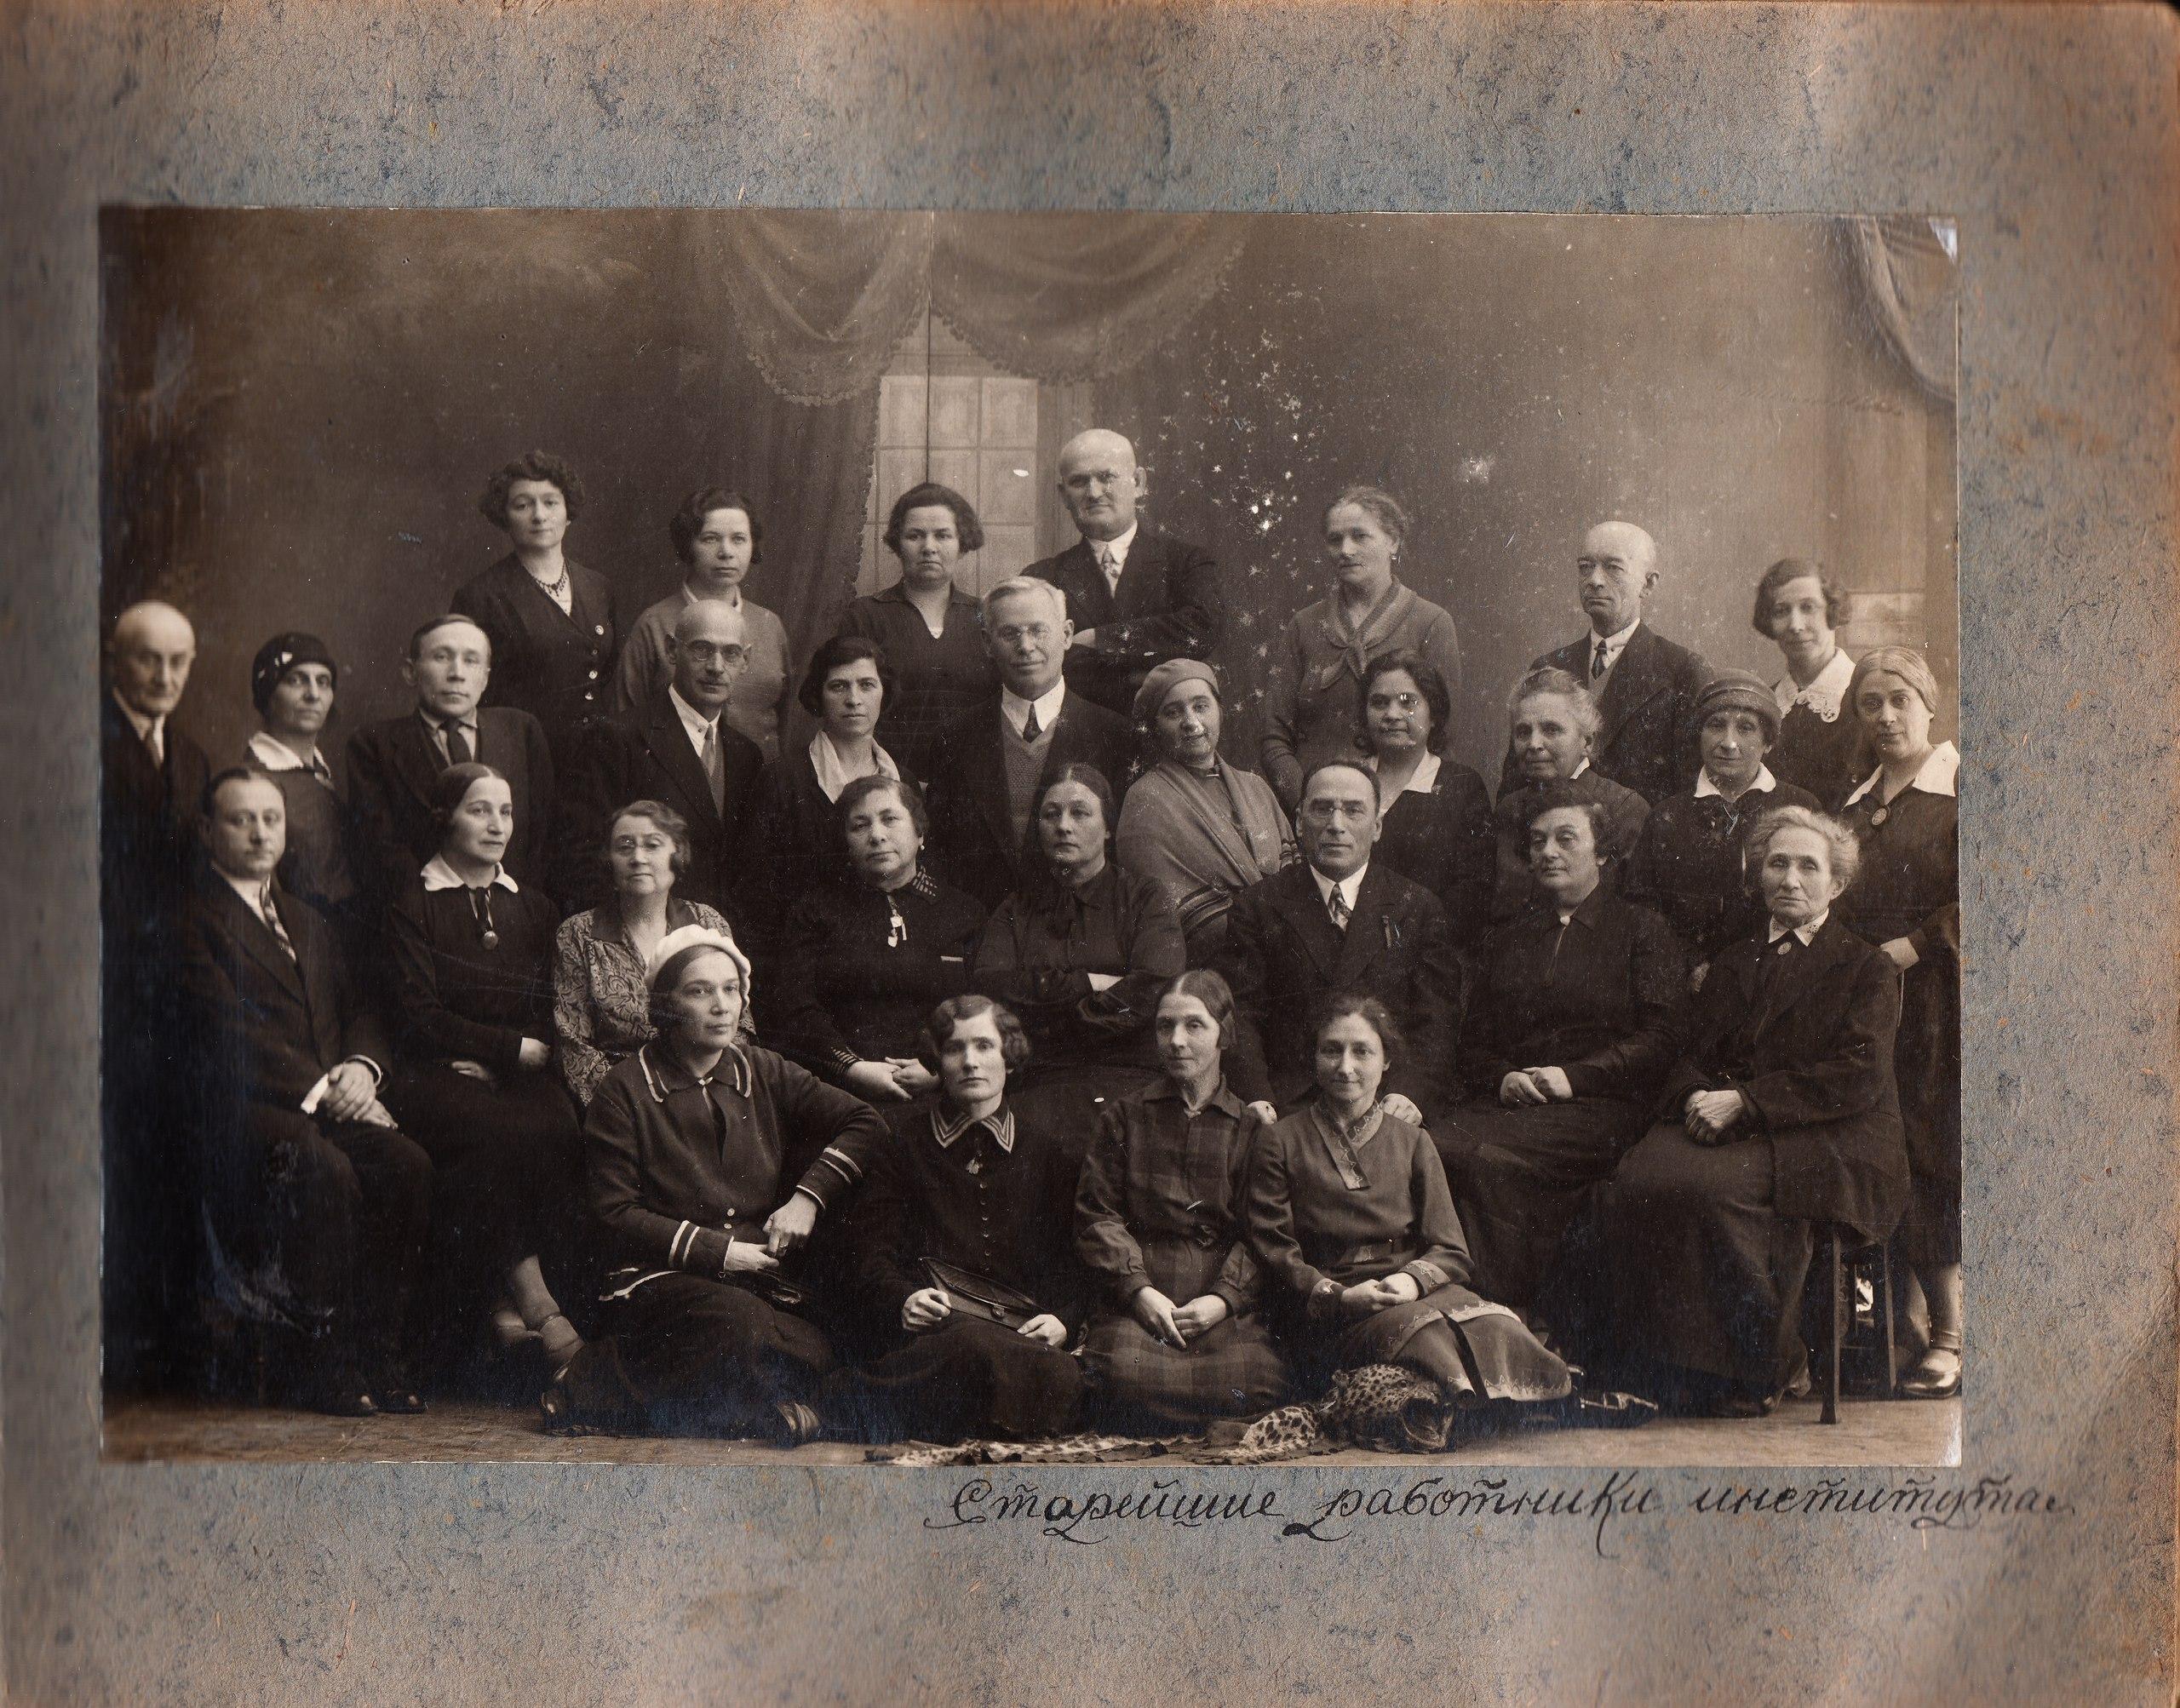 Ленинградский стоматологический институт. Старейшие работники